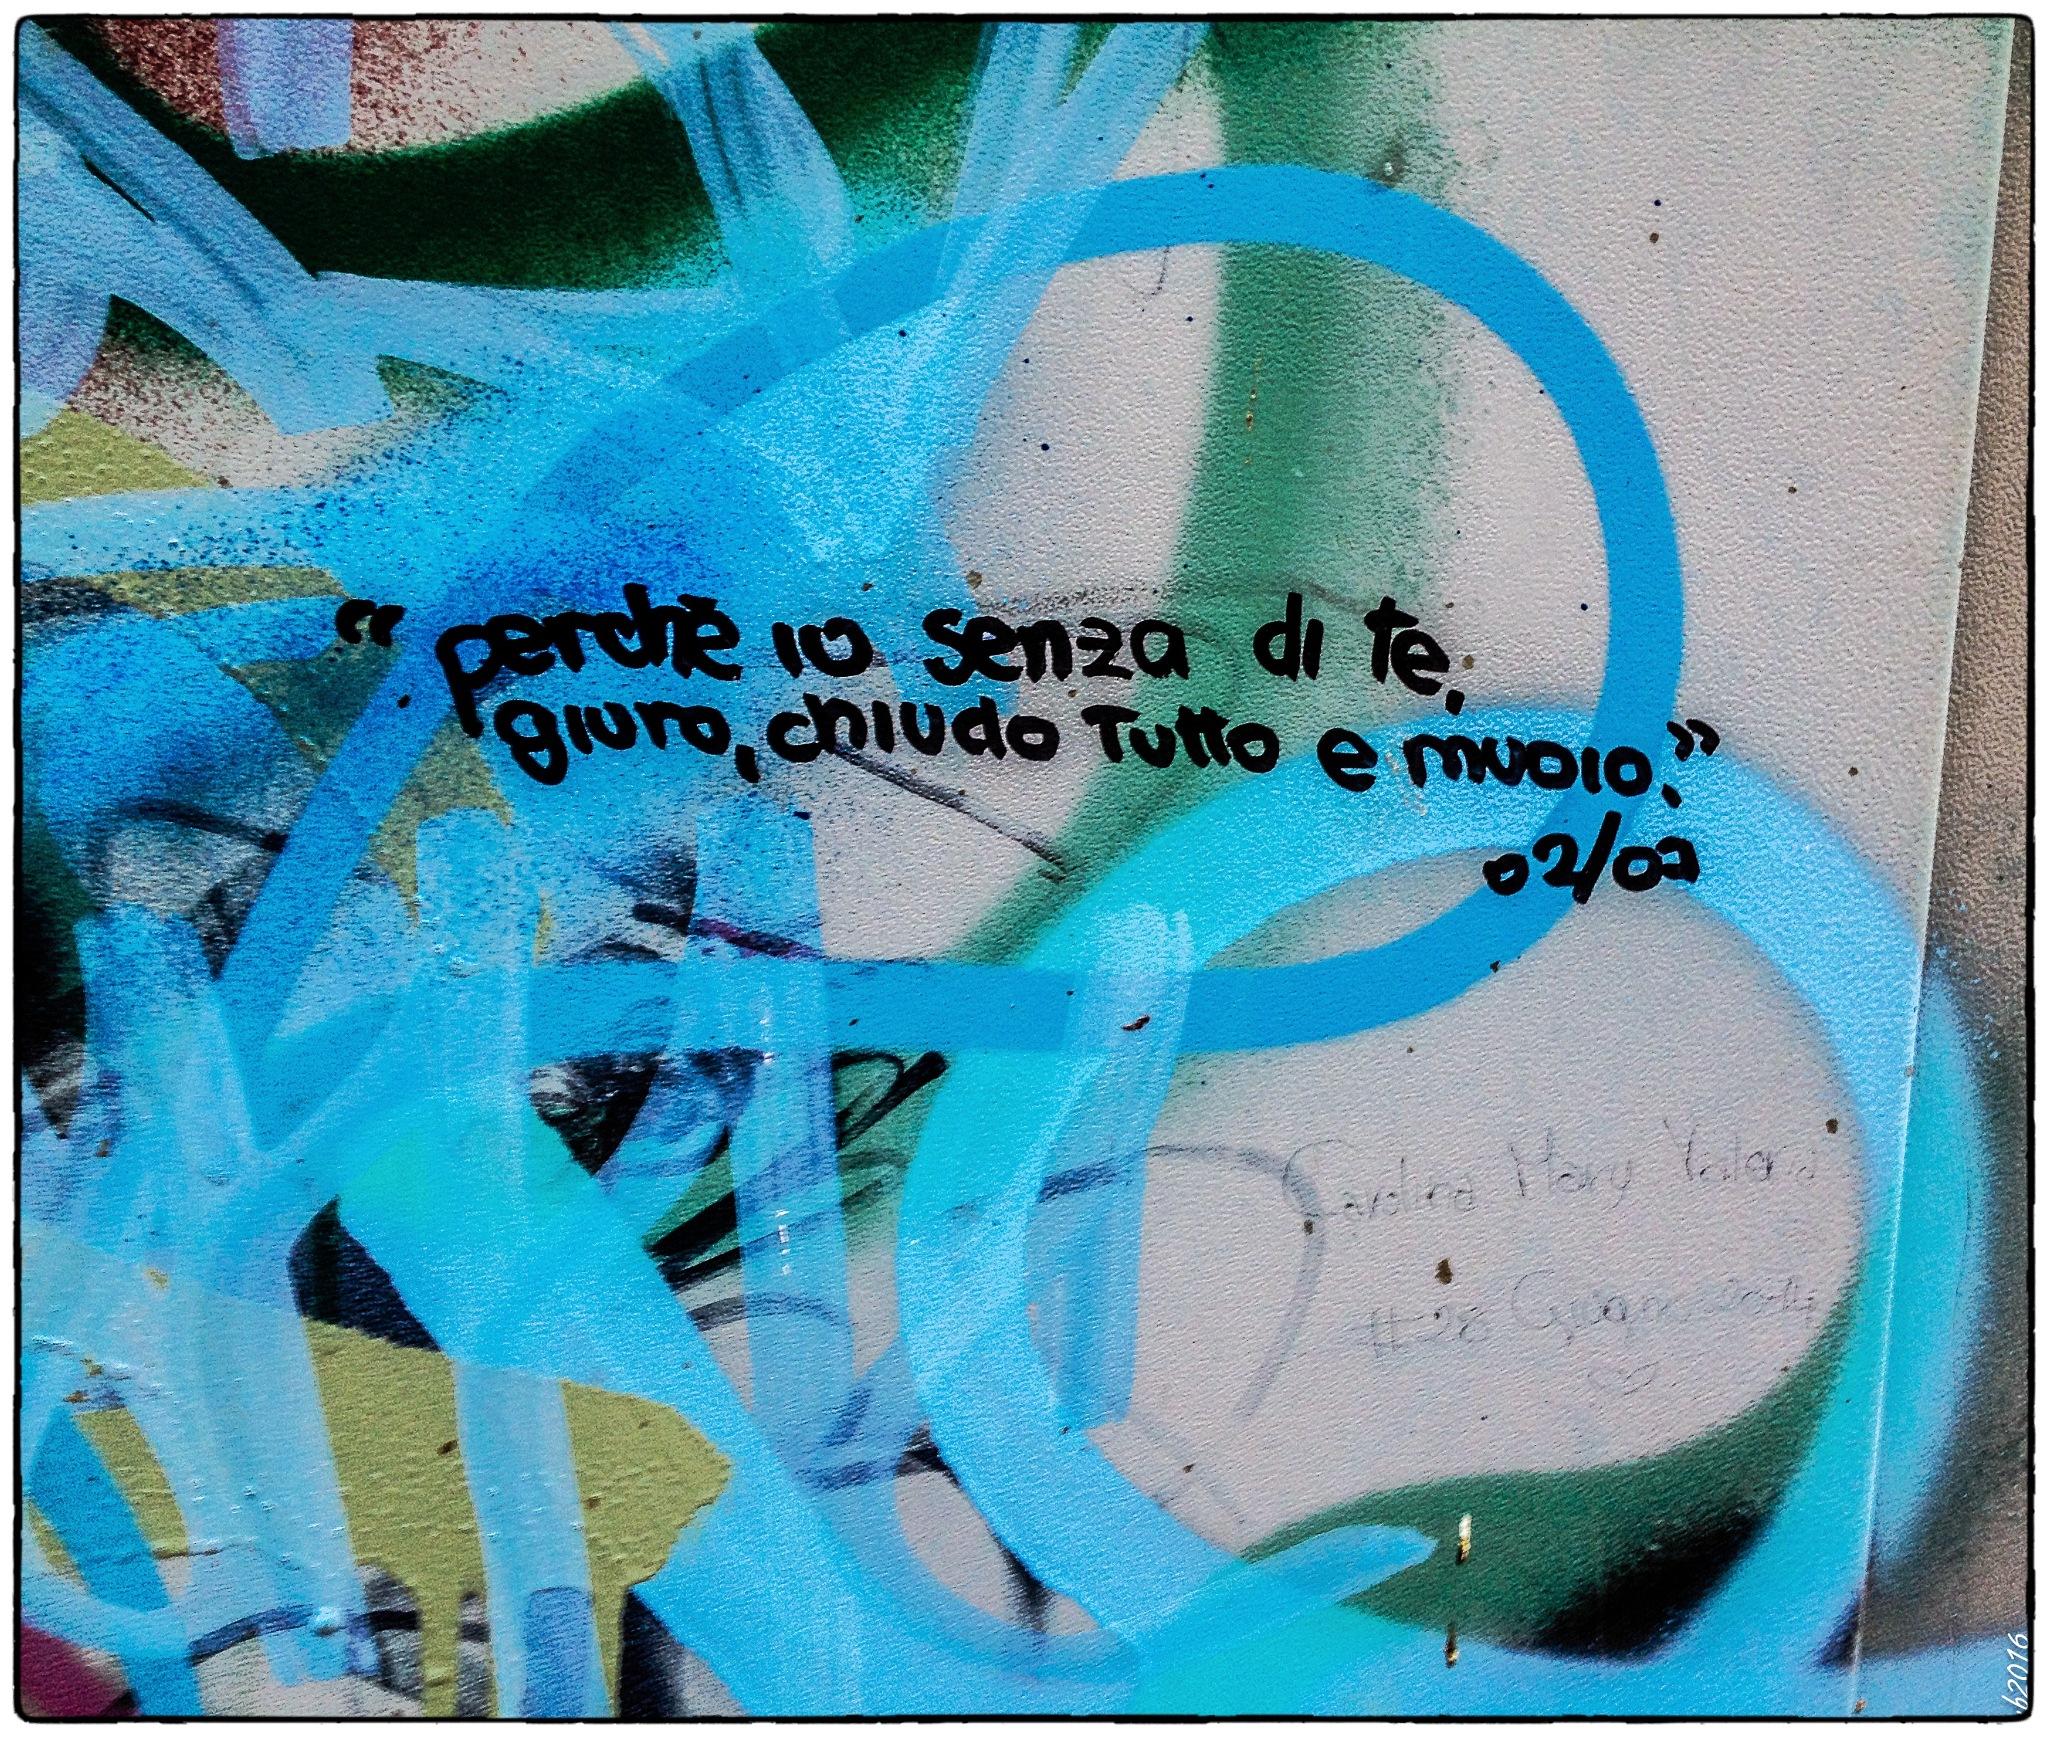 GRAFFITI by Domenico Uccio Boninsegna